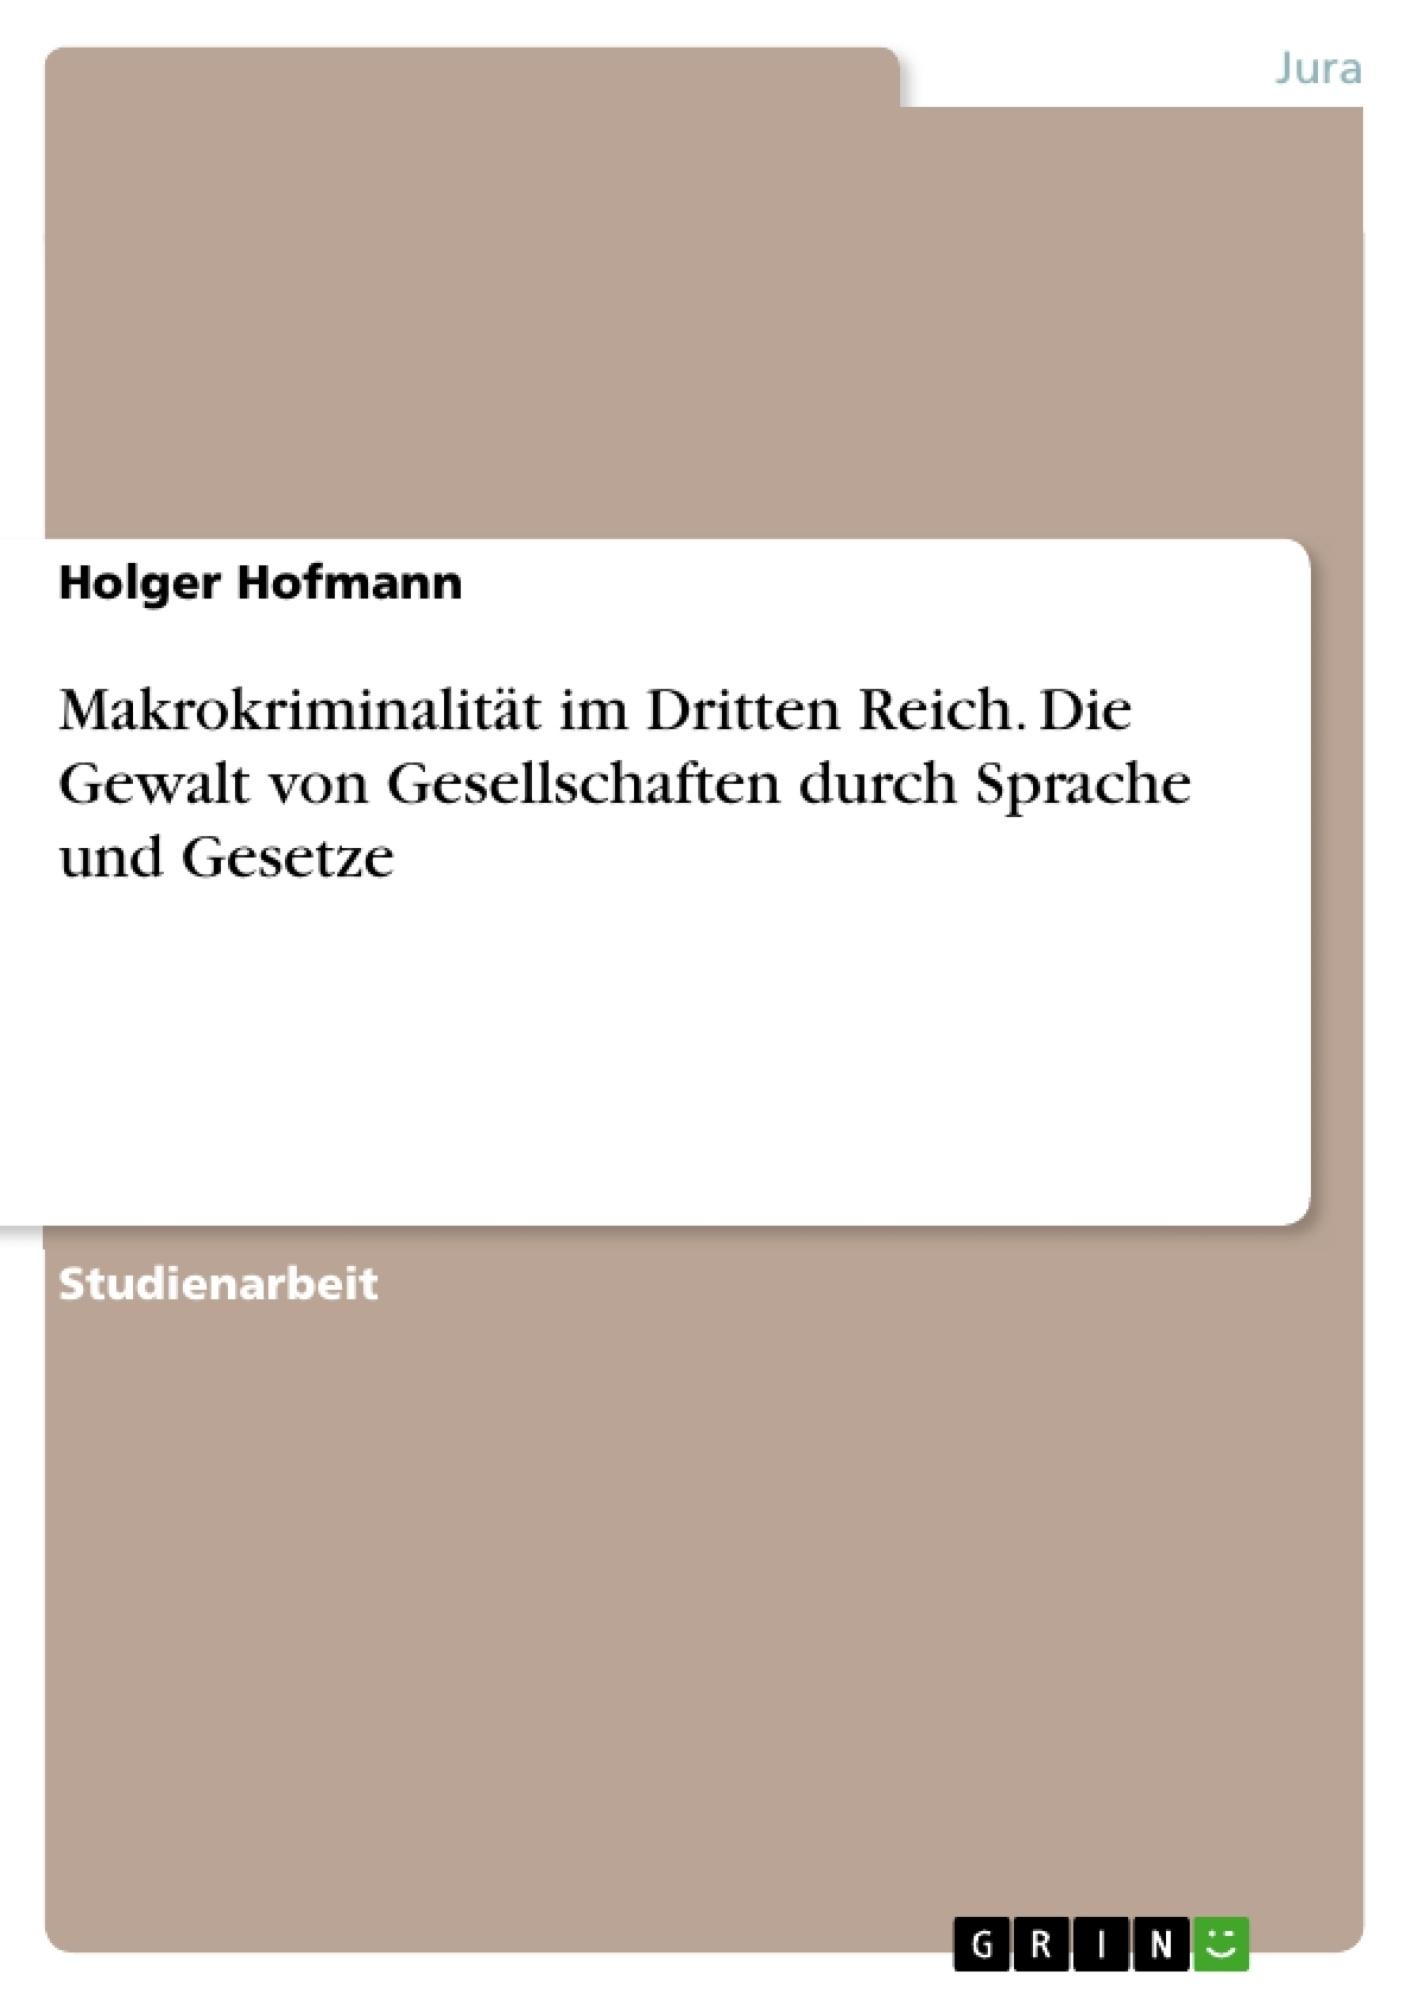 Titel: Makrokriminalität im Dritten Reich. Die Gewalt von Gesellschaften durch Sprache und Gesetze